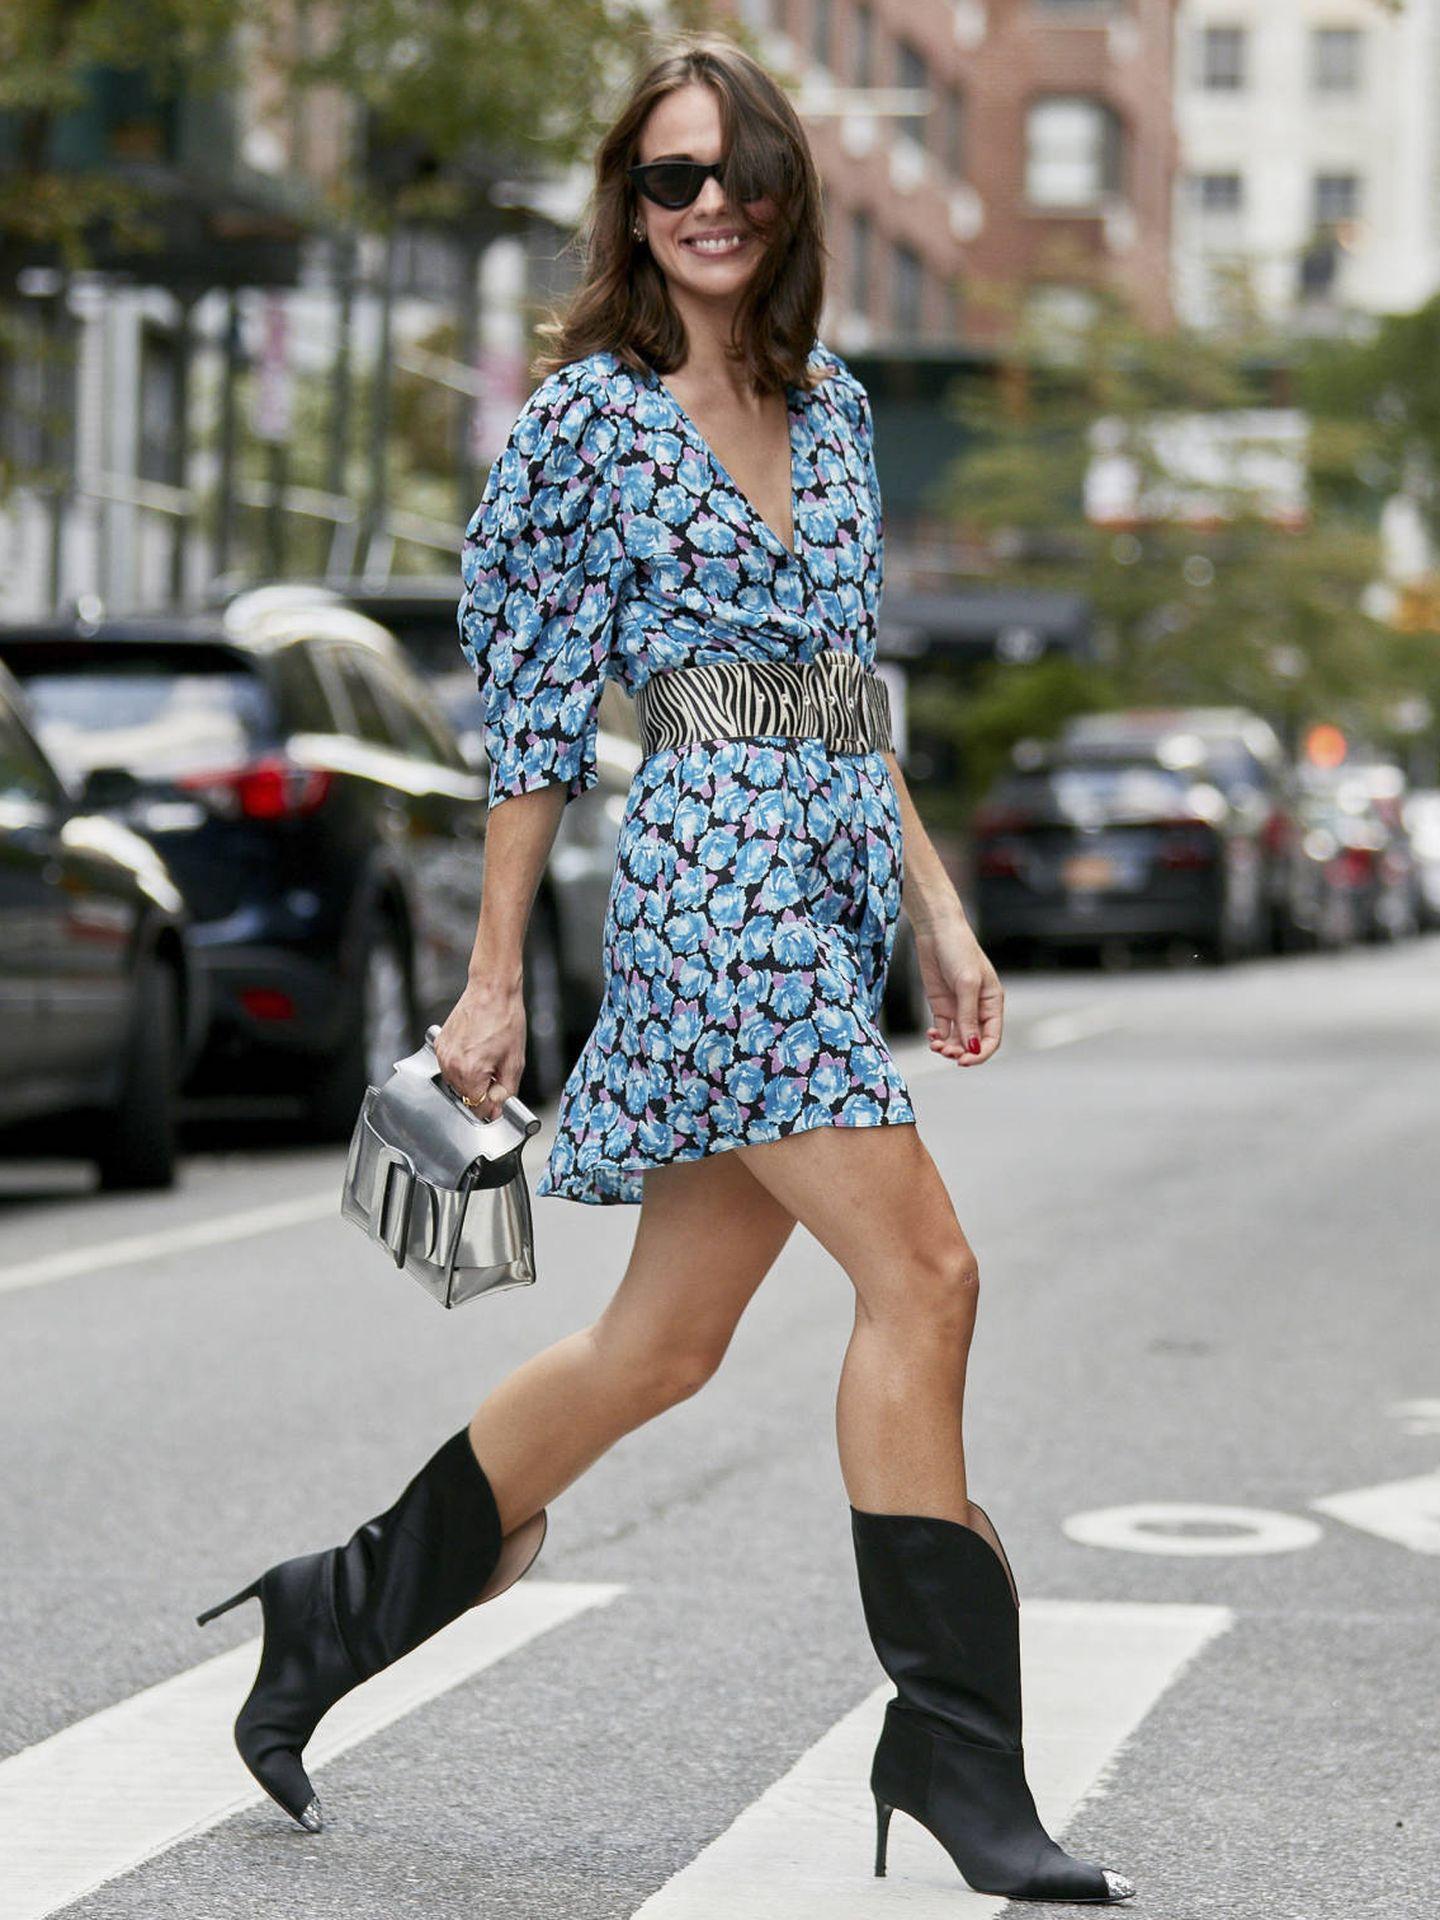 Las botas cowboy mantienen su reinado en el street style. (Imaxtree)